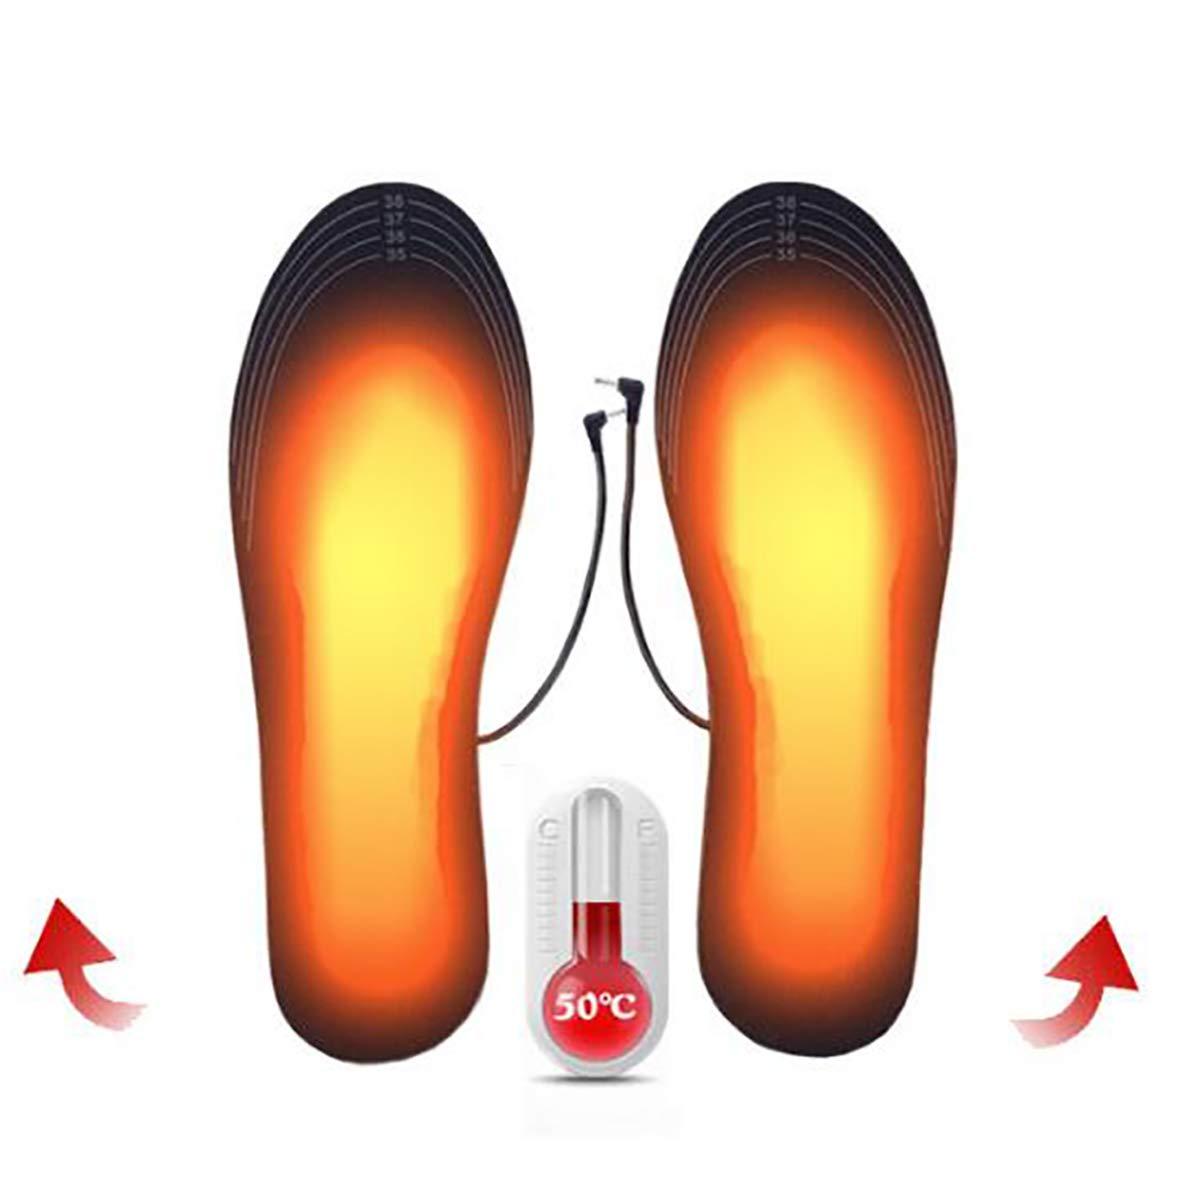 Plantillas Calefactables Thermosoles con Cable USB para Mujeres Hombres Invierno Climatizada Plantillas para Zapatos Varios tama/ños Calentadores de Pies se Puede Cortar y Lavable 2 Pares